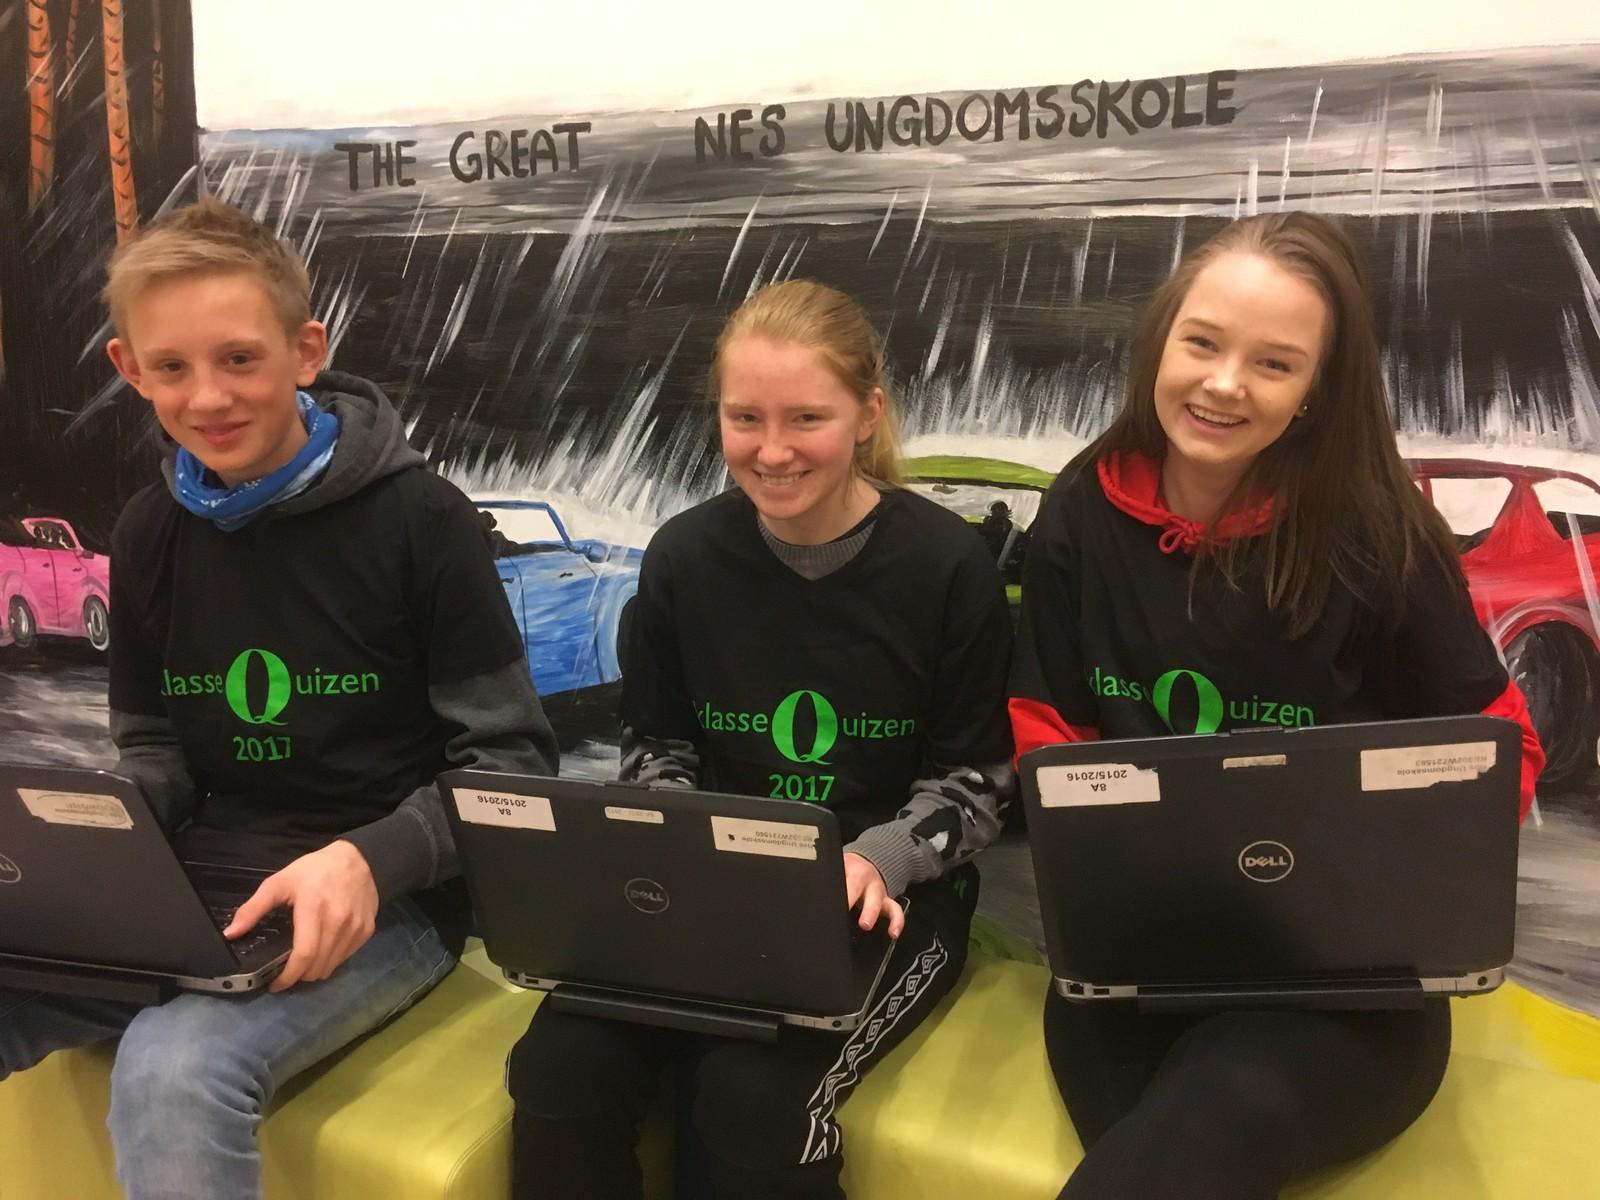 Baard Hagelund, Johanne Tørud og Hanna Bogsti fra Nes ungdomsskole fikk 11 poeng.